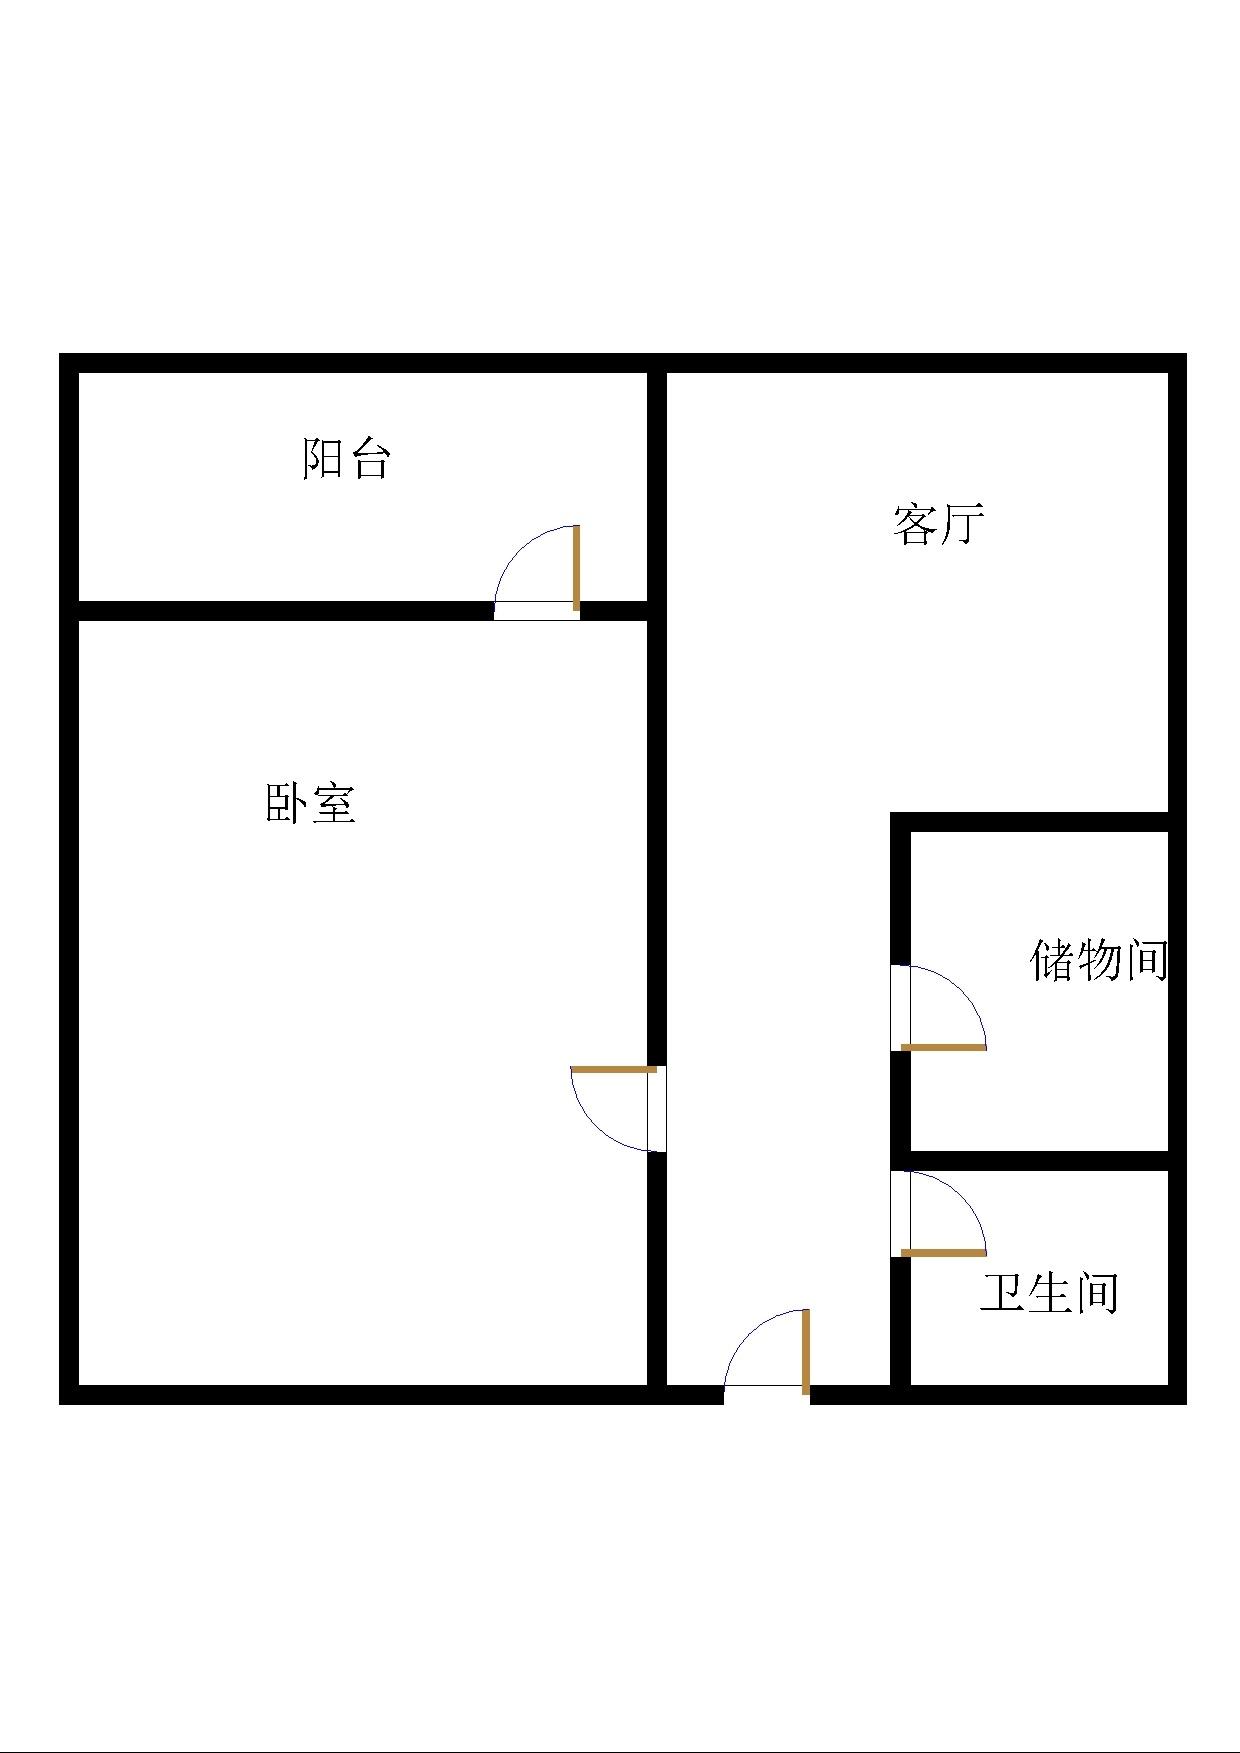 帝景苑小区 1室1厅 4楼